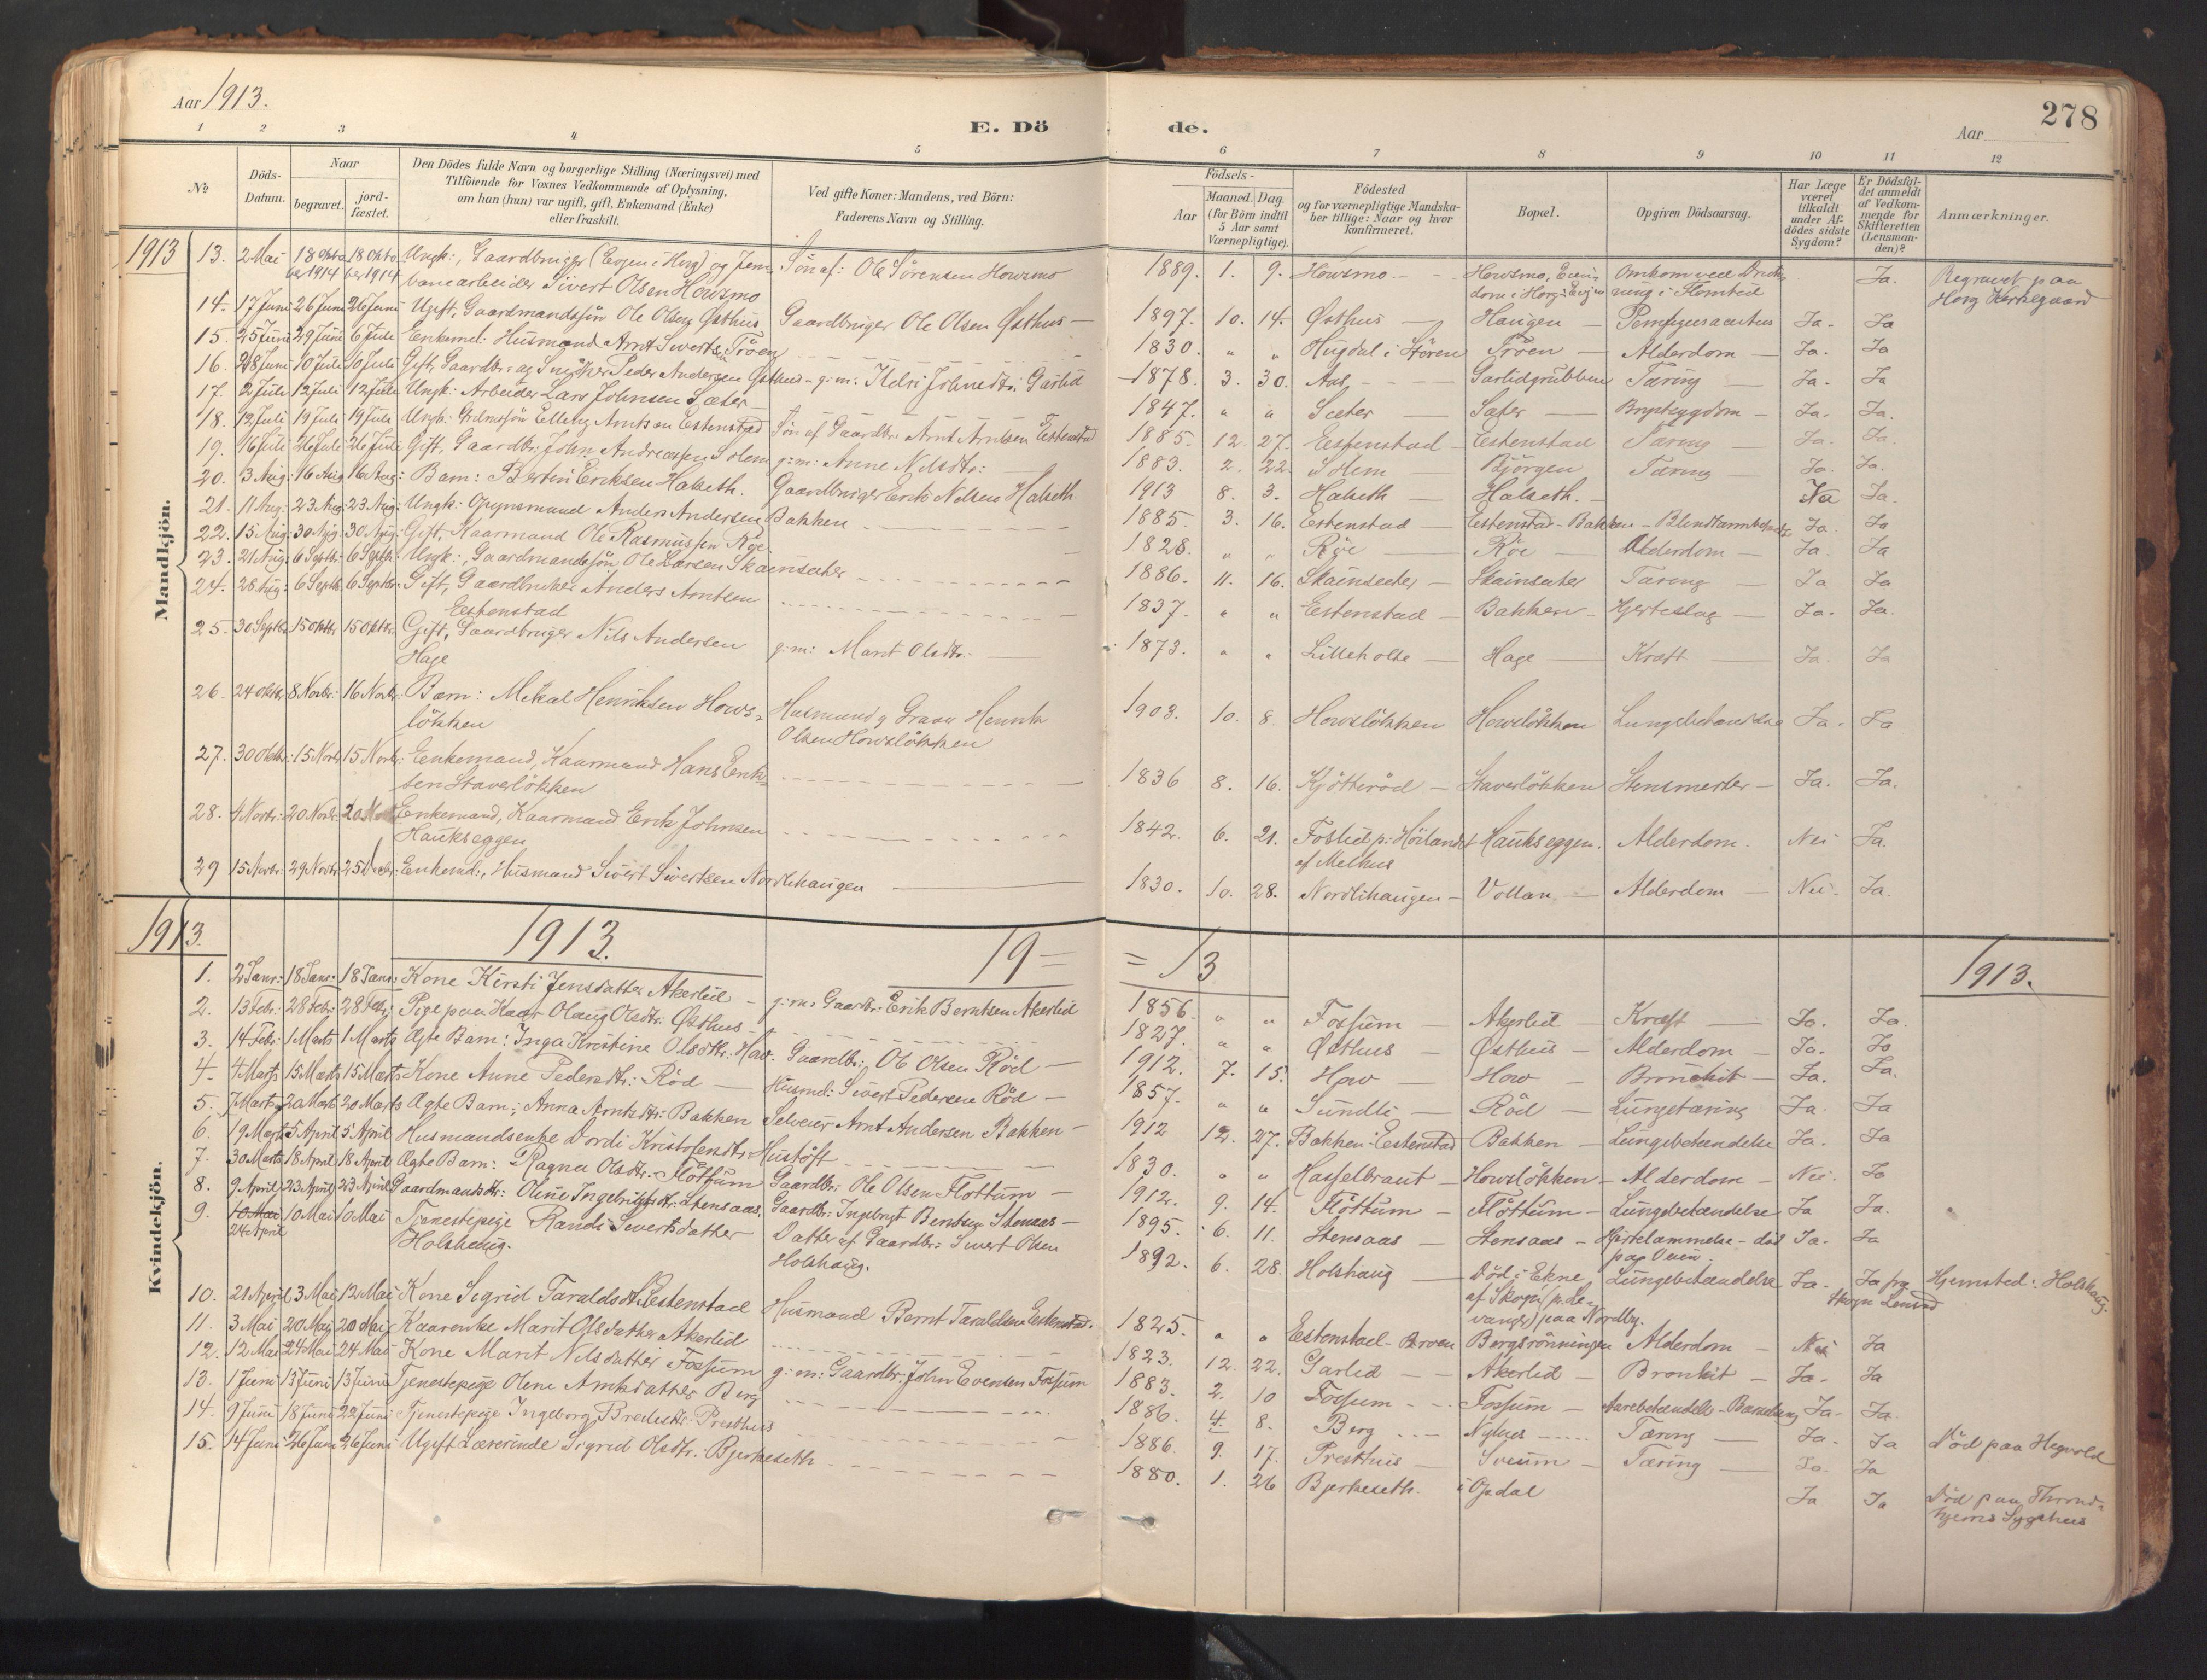 SAT, Ministerialprotokoller, klokkerbøker og fødselsregistre - Sør-Trøndelag, 689/L1041: Ministerialbok nr. 689A06, 1891-1923, s. 278